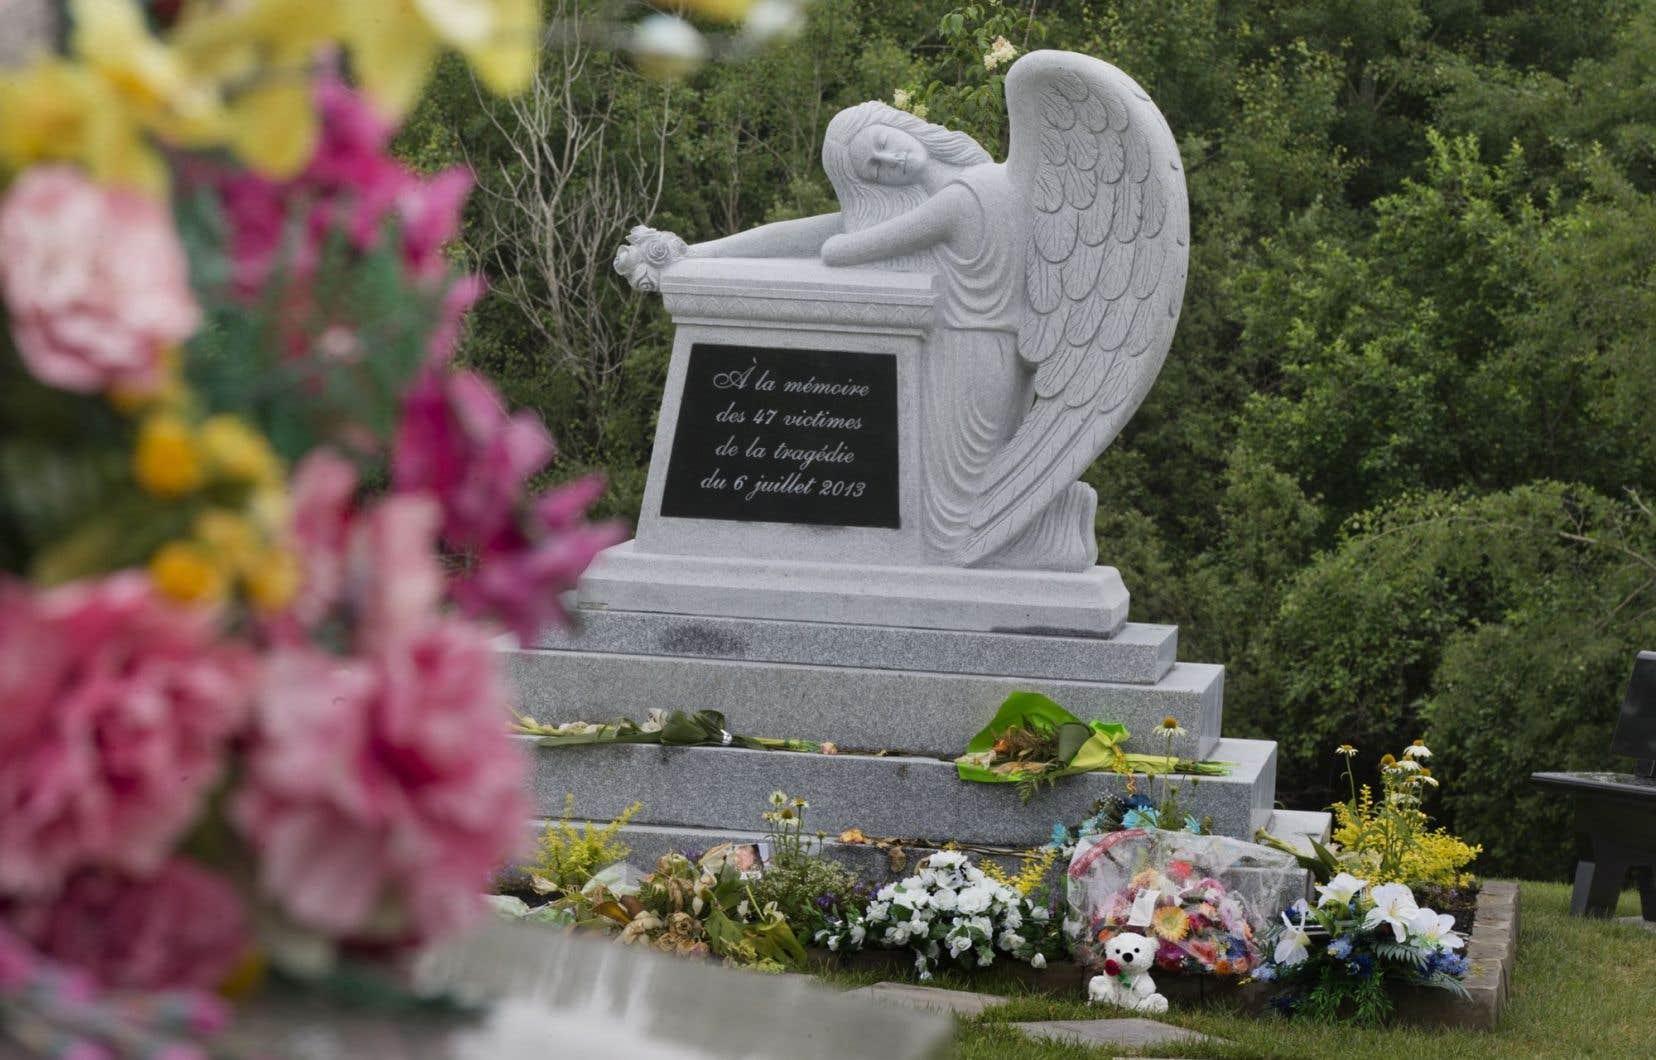 L'an dernier, la Ville a inauguré un monument à la mémoire des 47 victimes.